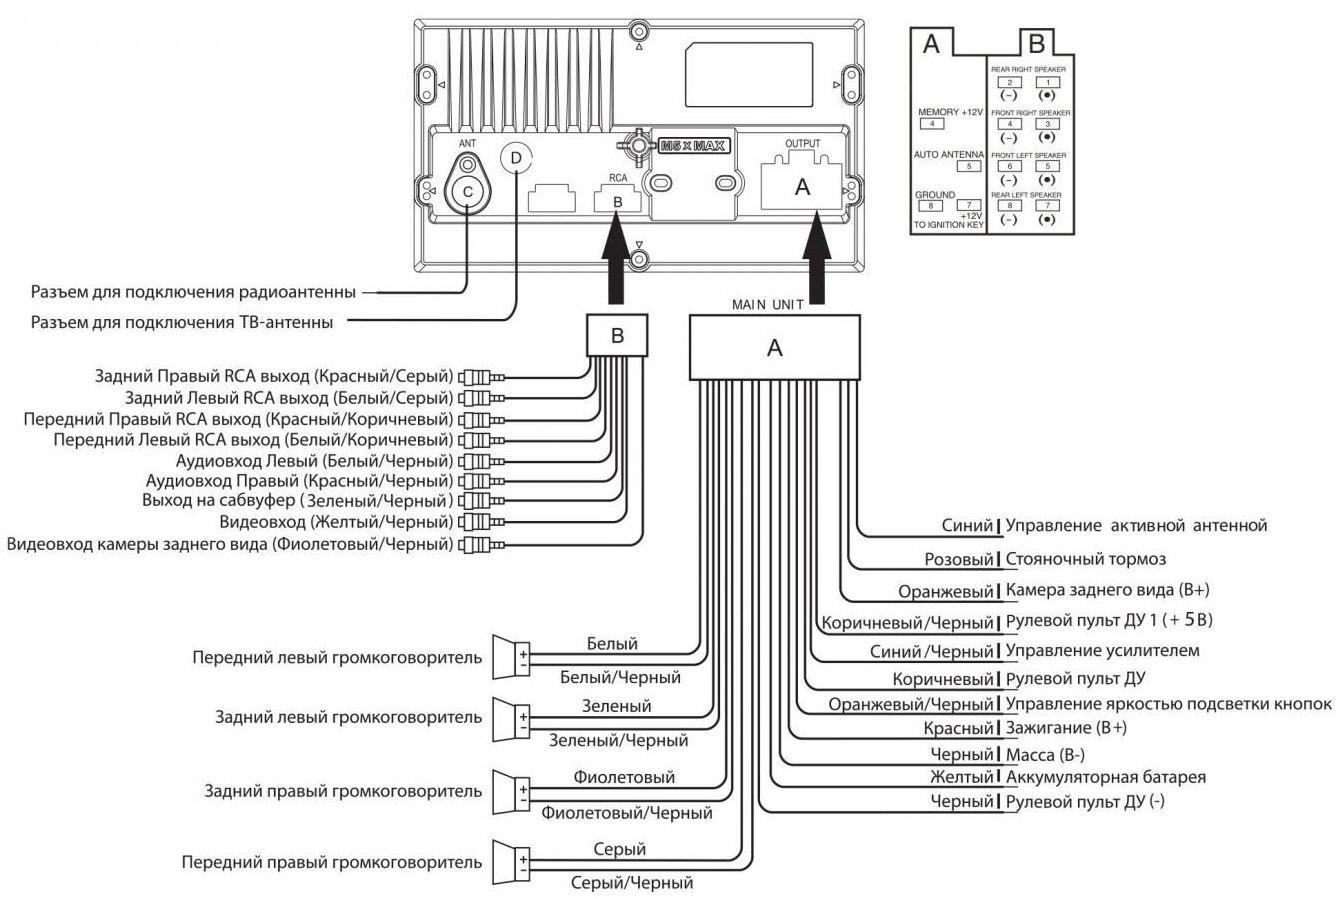 Схема подключения магнитолы mystery с экраном6